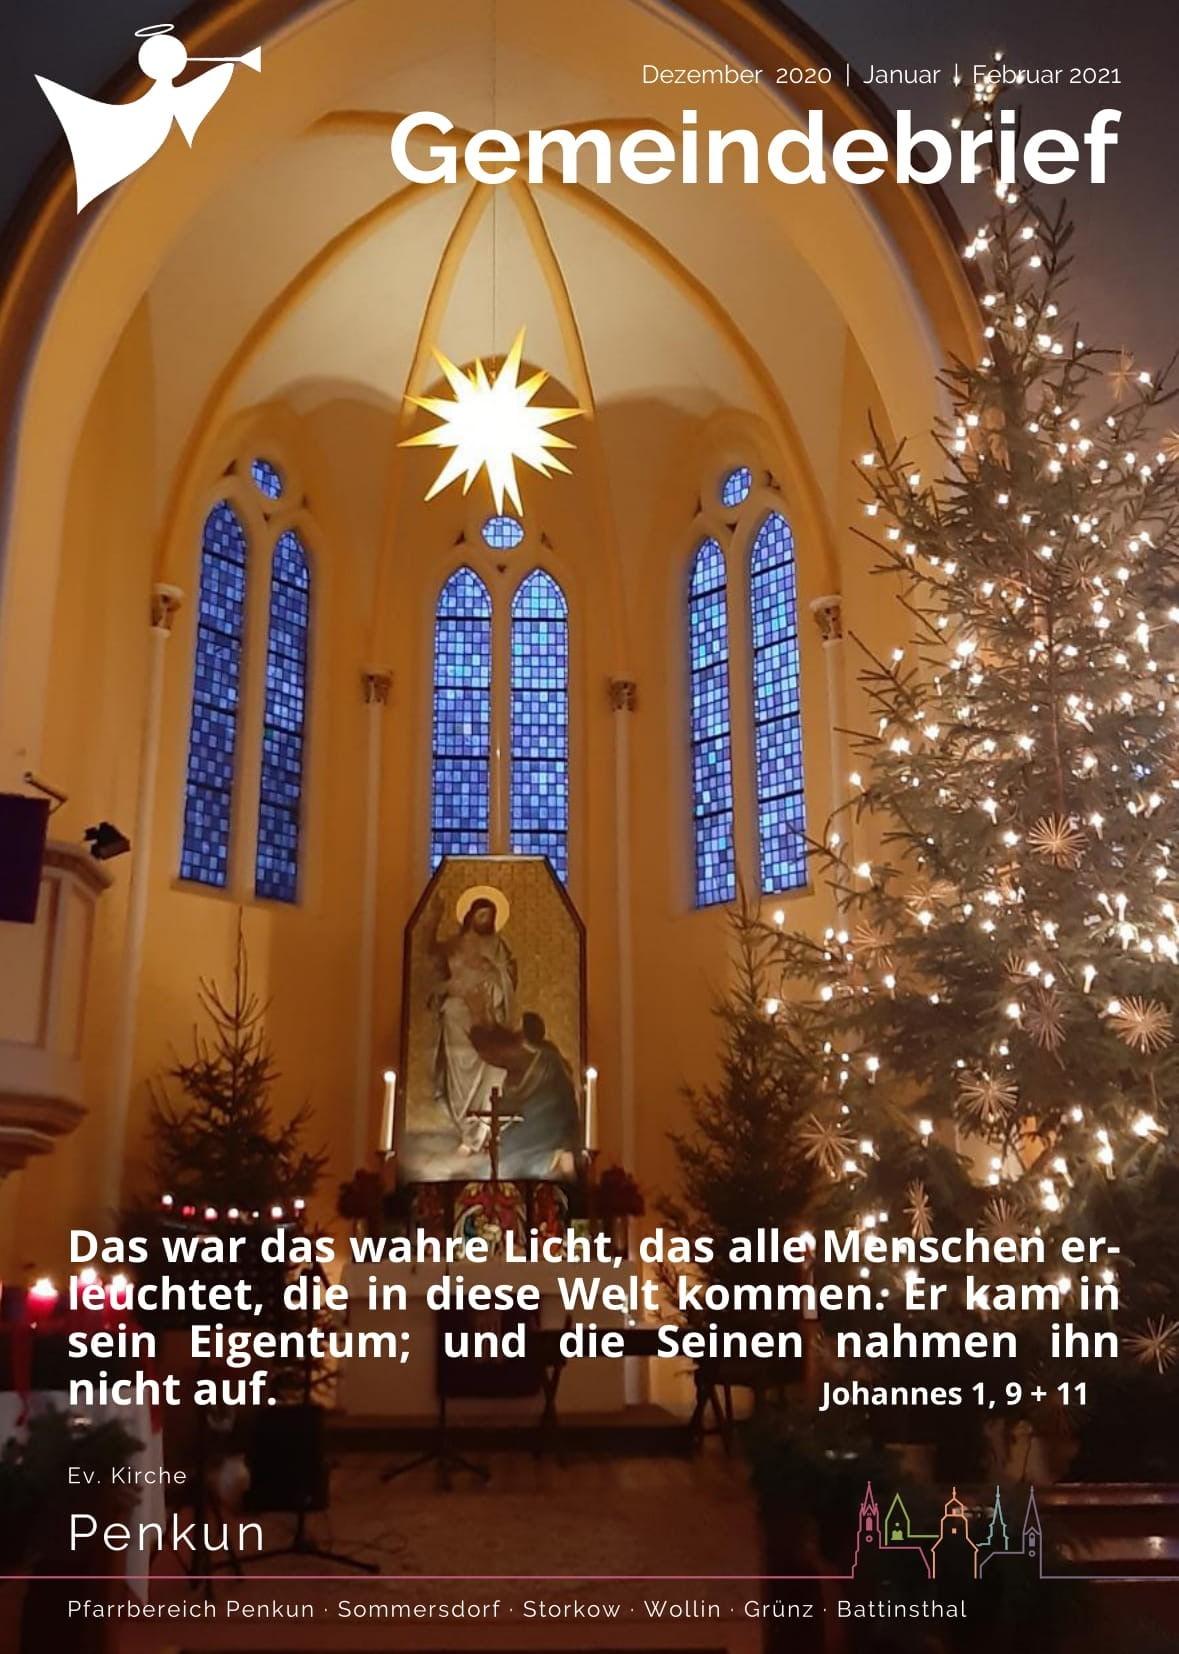 Gemeindebrief_20_04_web-min-01-min